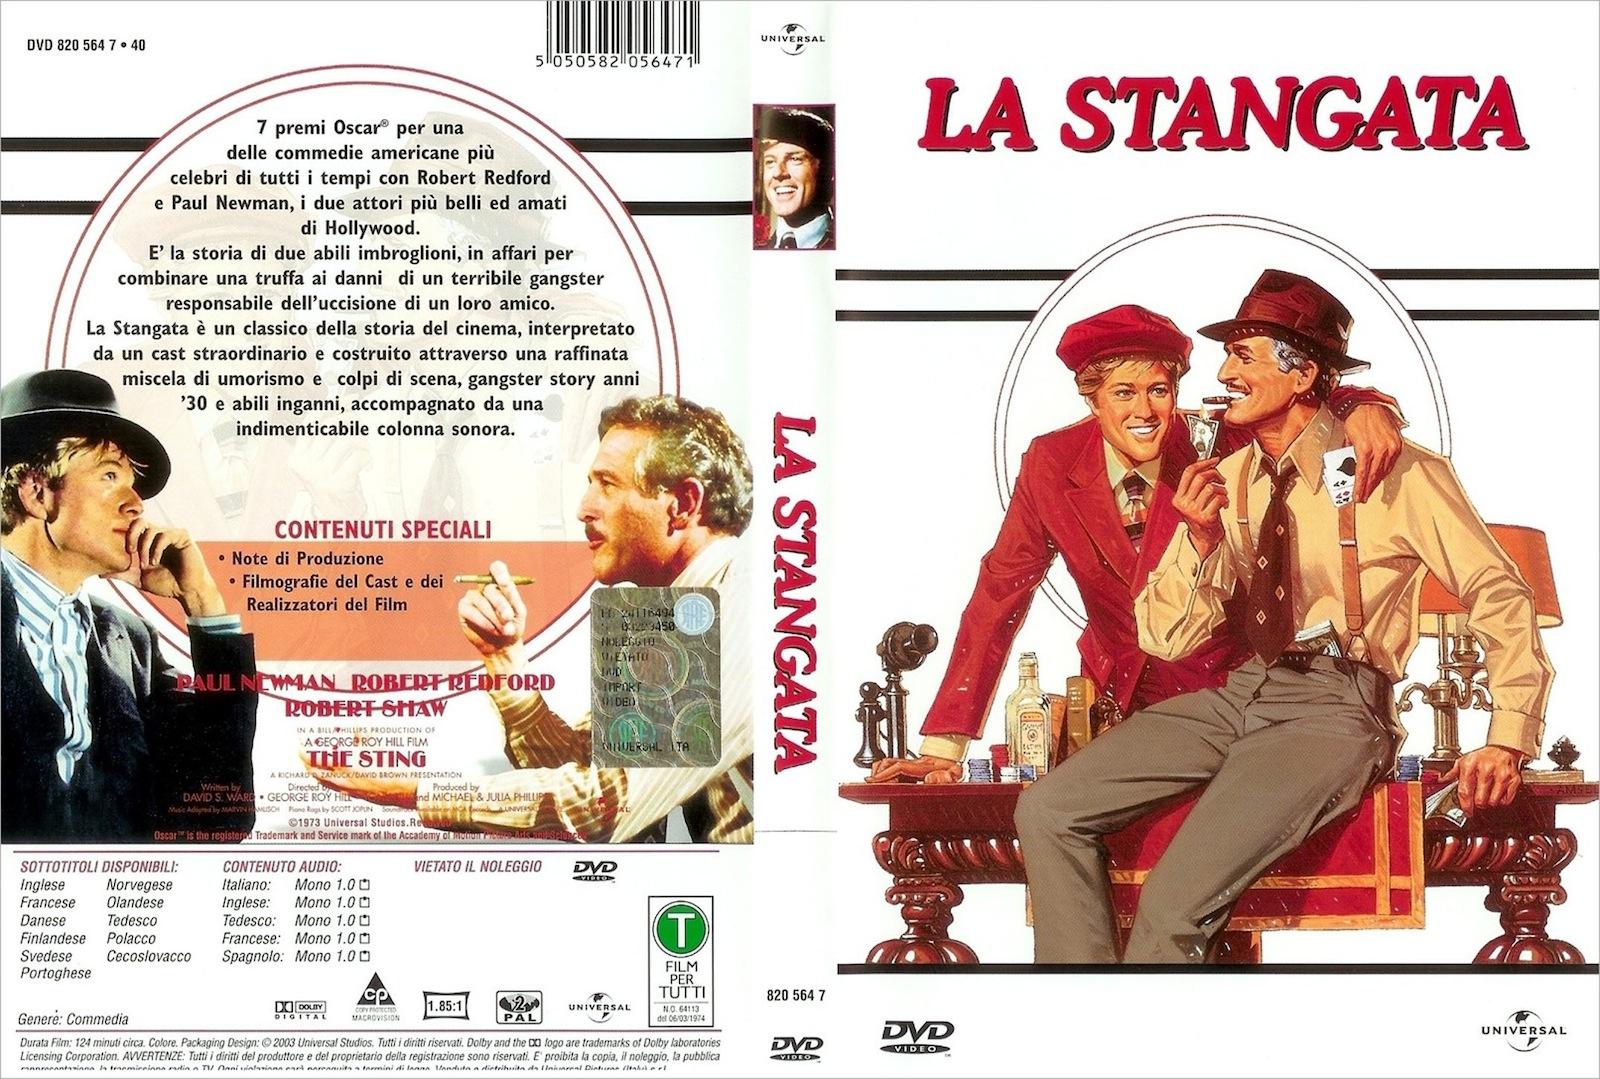 La Stangata - Film Consigliati